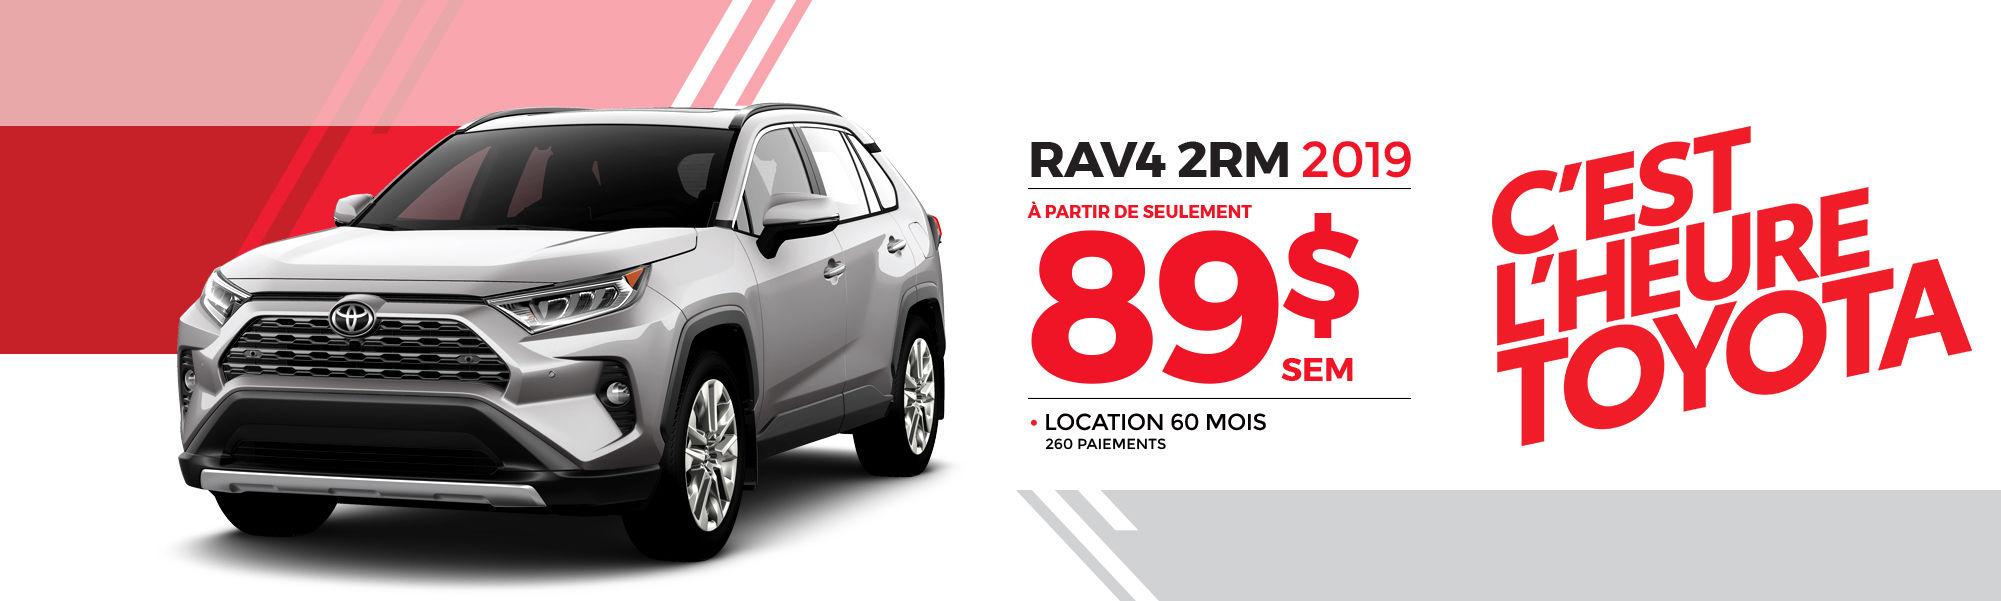 RAV4 2RM 2019